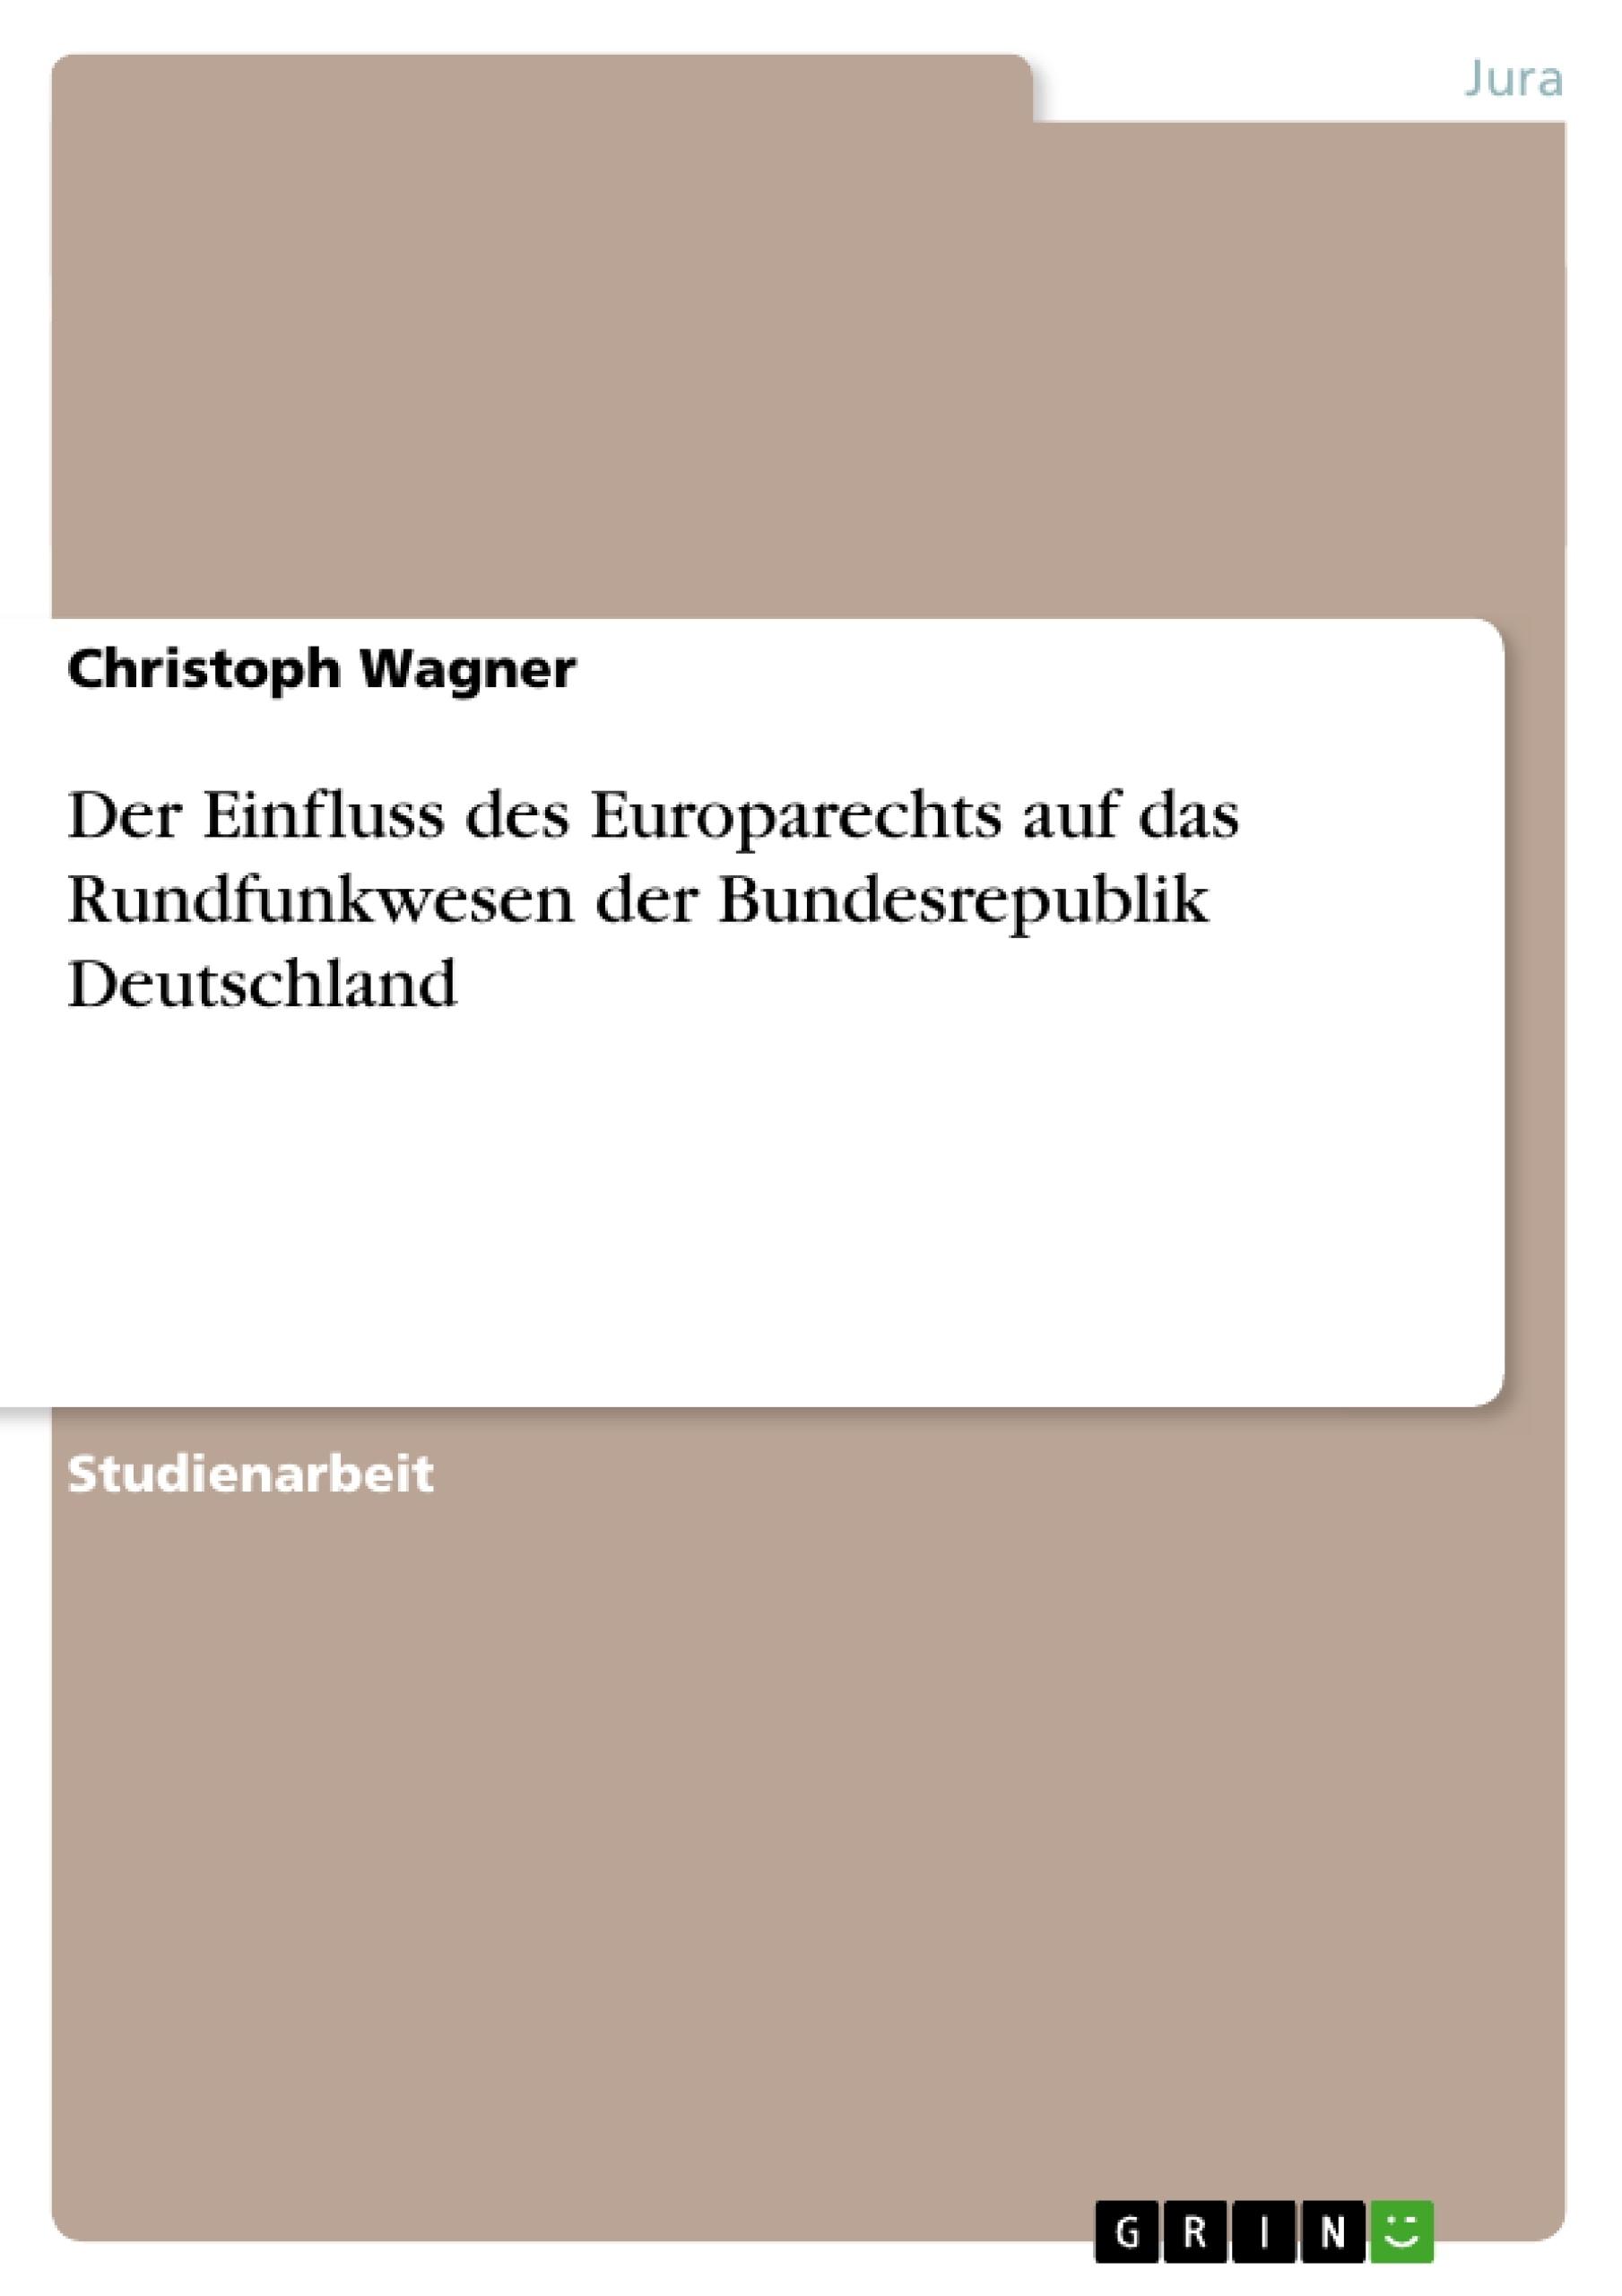 Titel: Der Einfluss des Europarechts auf das Rundfunkwesen der Bundesrepublik Deutschland